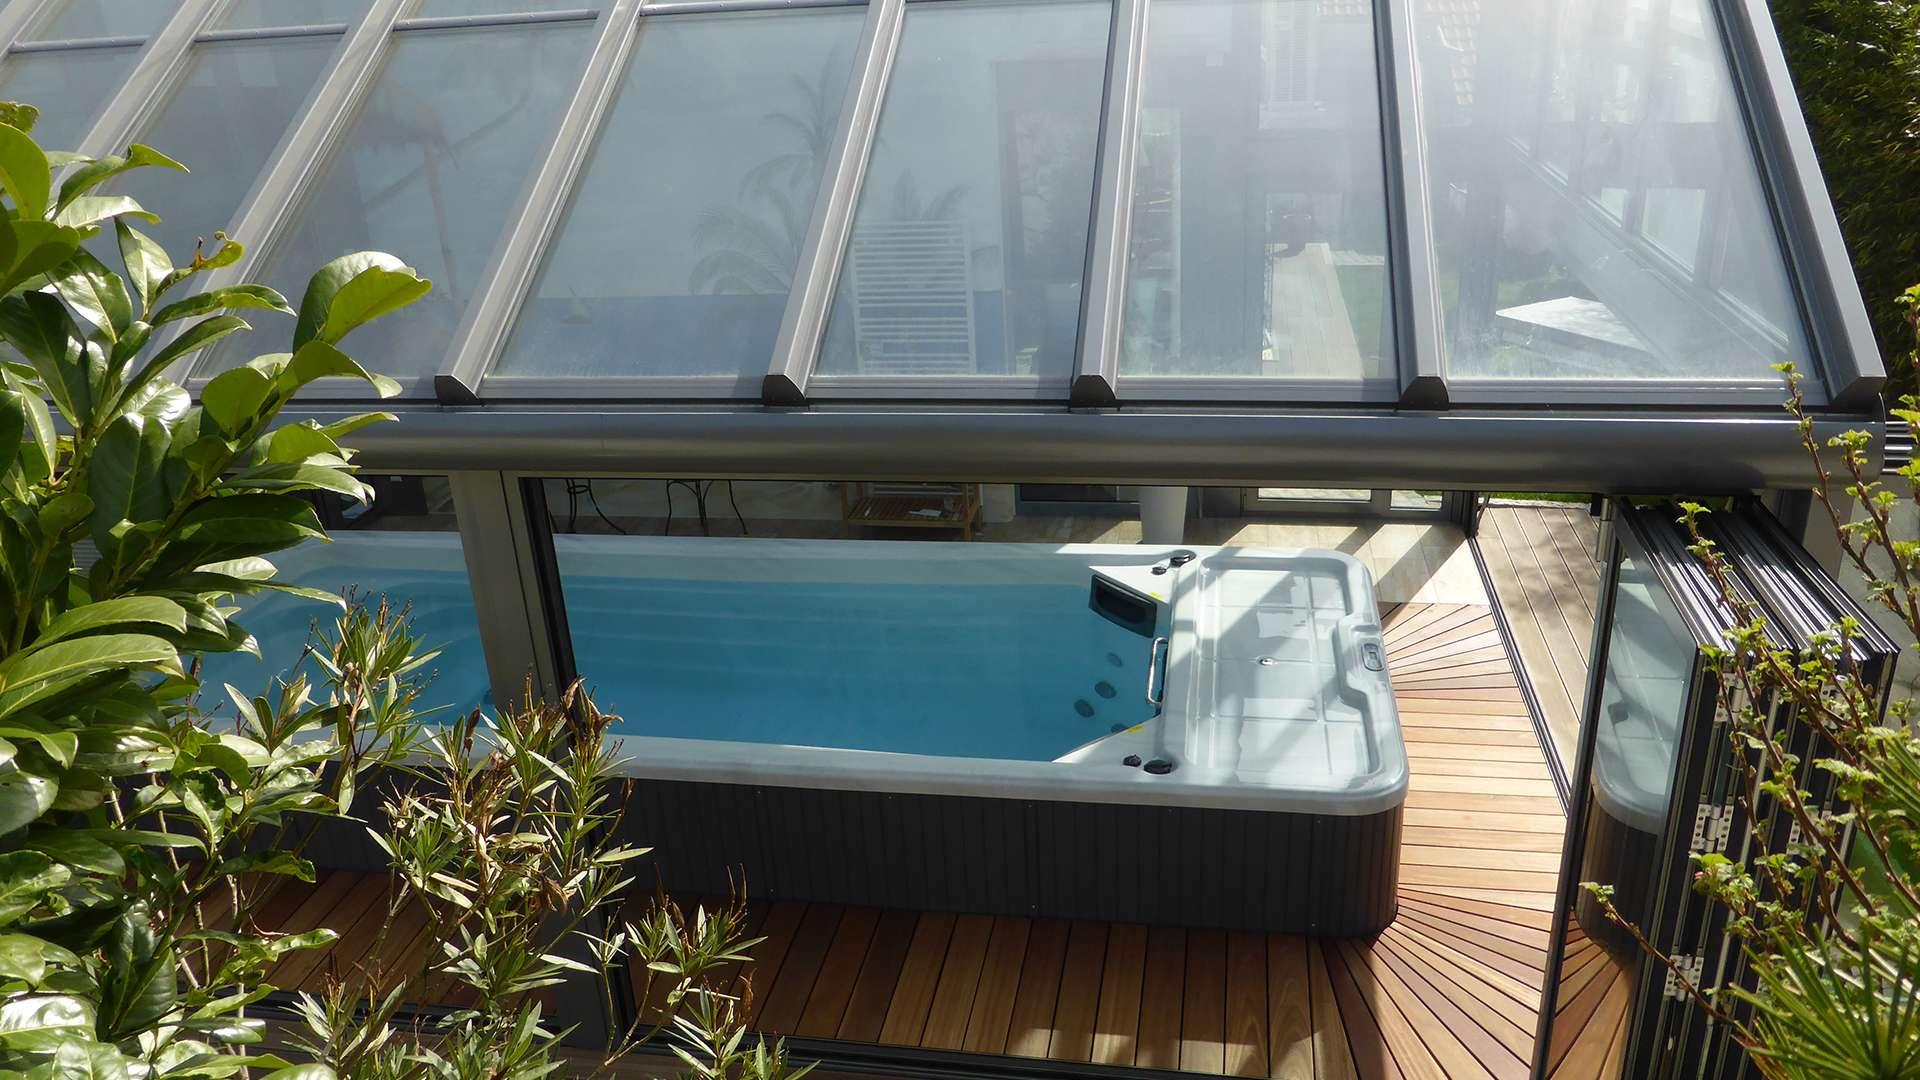 Blick auf einen Wintergarten von oben. Im Inneren steht ein Pool.